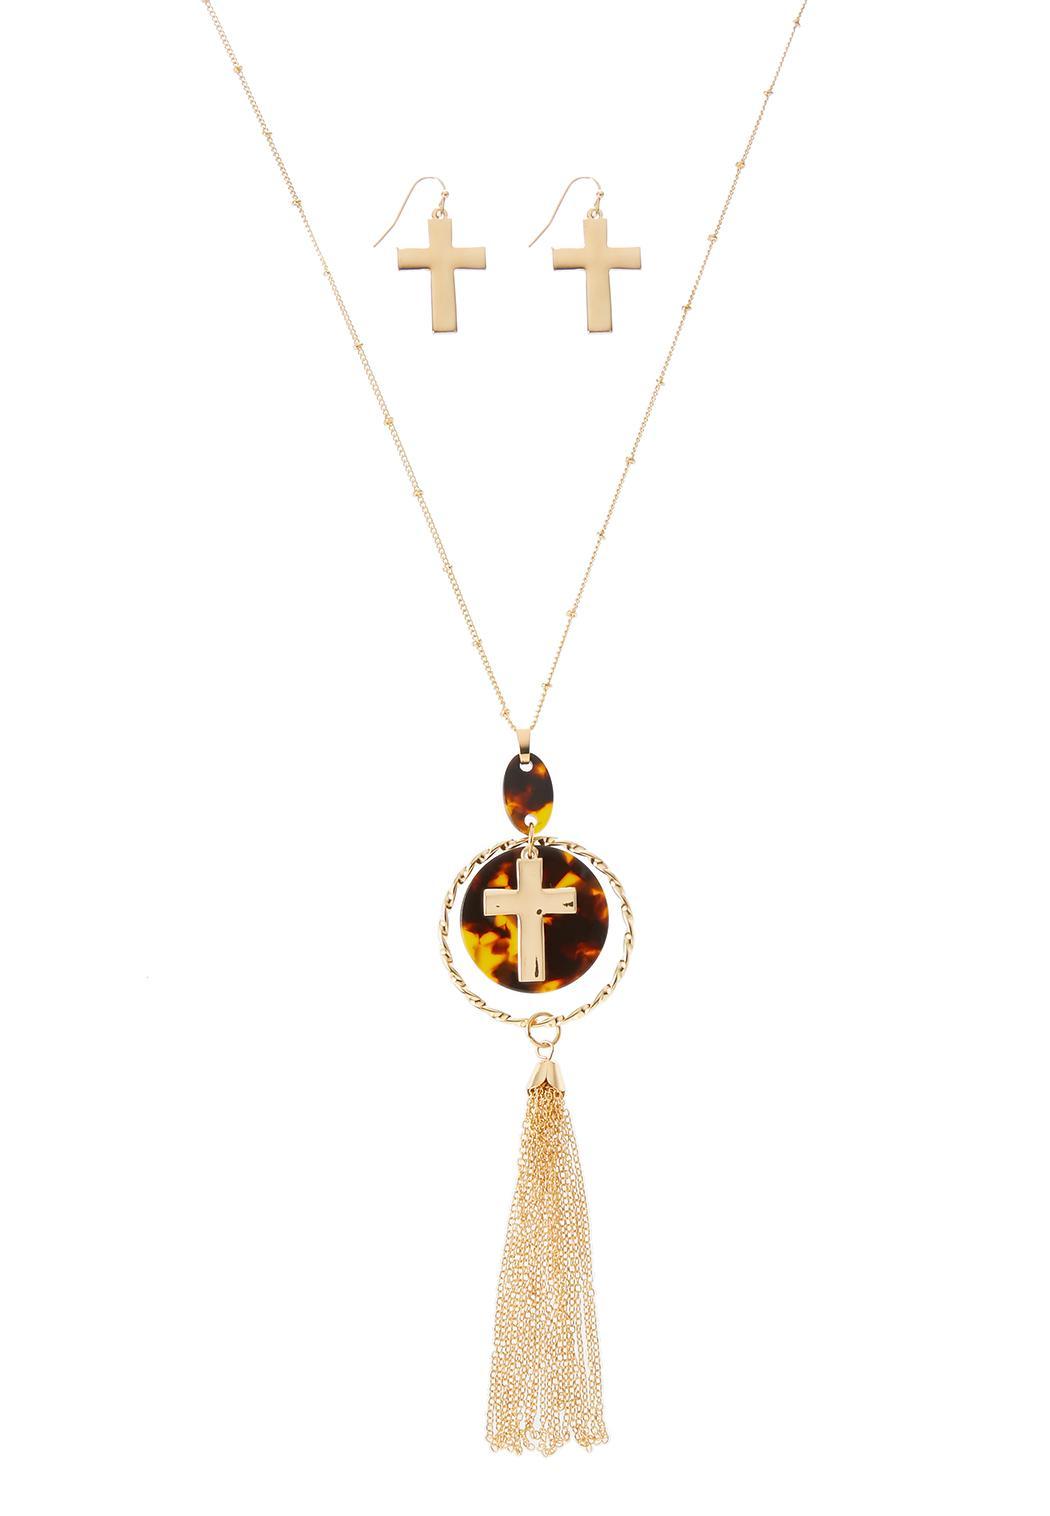 Tasseled Cross Necklace Earring Set